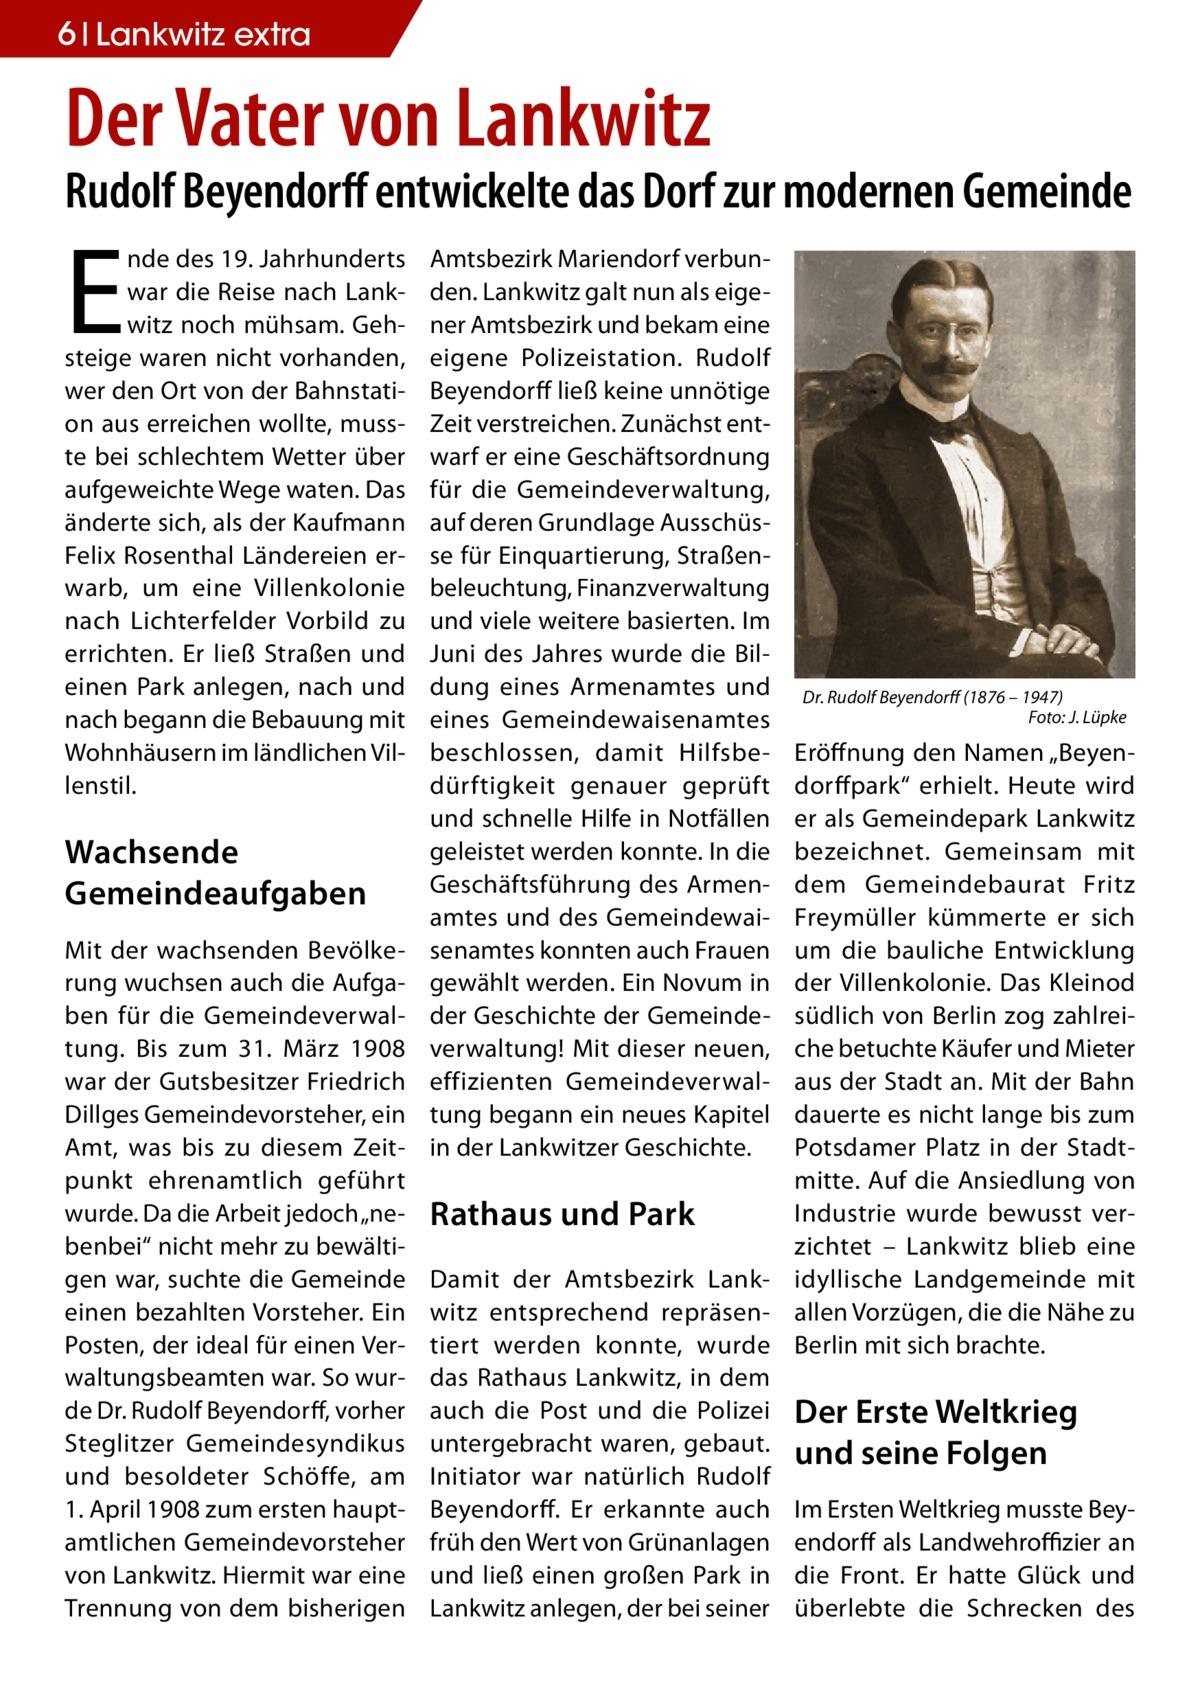 """6 Lankwitz extra  Der Vater von Lankwitz  Rudolf Beyendorff entwickelte das Dorf zur modernen Gemeinde  E  nde des 19.Jahrhunderts war die Reise nach Lankwitz noch mühsam. Gehsteige waren nicht vorhanden, wer den Ort von der Bahnstation aus erreichen wollte, musste bei schlechtem Wetter über aufgeweichte Wege waten. Das änderte sich, als der Kaufmann Felix Rosenthal Ländereien erwarb, um eine Villenkolonie nach Lichterfelder Vorbild zu errichten. Er ließ Straßen und einen Park anlegen, nach und nach begann die Bebauung mit Wohnhäusern im ländlichen Villenstil.  Wachsende Gemeindeaufgaben Mit der wachsenden Bevölkerung wuchsen auch die Aufgaben für die Gemeindeverwaltung. Bis zum 31. März 1908 war der Gutsbesitzer Friedrich Dillges Gemeindevorsteher, ein Amt, was bis zu diesem Zeitpunkt ehrenamtlich geführt wurde. Da die Arbeit jedoch """"nebenbei"""" nicht mehr zu bewältigen war, suchte die Gemeinde einen bezahlten Vorsteher. Ein Posten, der ideal für einen Verwaltungsbeamten war. So wurde Dr. Rudolf Beyendorff, vorher Steglitzer Gemeindesyndikus und besoldeter Schöffe, am 1.April 1908 zum ersten hauptamtlichen Gemeindevorsteher von Lankwitz. Hiermit war eine Trennung von dem bisherigen  Amtsbezirk Mariendorf verbunden. Lankwitz galt nun als eigener Amtsbezirk und bekam eine eigene Polizeistation. Rudolf Beyendorff ließ keine unnötige Zeit verstreichen. Zunächst entwarf er eine Geschäftsordnung für die Gemeindeverwaltung, auf deren Grundlage Ausschüsse für Einquartierung, Straßenbeleuchtung, Finanzverwaltung und viele weitere basierten. Im Juni des Jahres wurde die Bildung eines Armenamtes und eines Gemeindewaisenamtes beschlossen, damit Hilfsbedürftigkeit genauer geprüft und schnelle Hilfe in Notfällen geleistet werden konnte. In die Geschäftsführung des Armenamtes und des Gemeindewaisenamtes konnten auch Frauen gewählt werden. Ein Novum in der Geschichte der Gemeindeverwaltung! Mit dieser neuen, effizienten Gemeindeverwaltung begann ein neues Kapitel in der Lankwitzer G"""